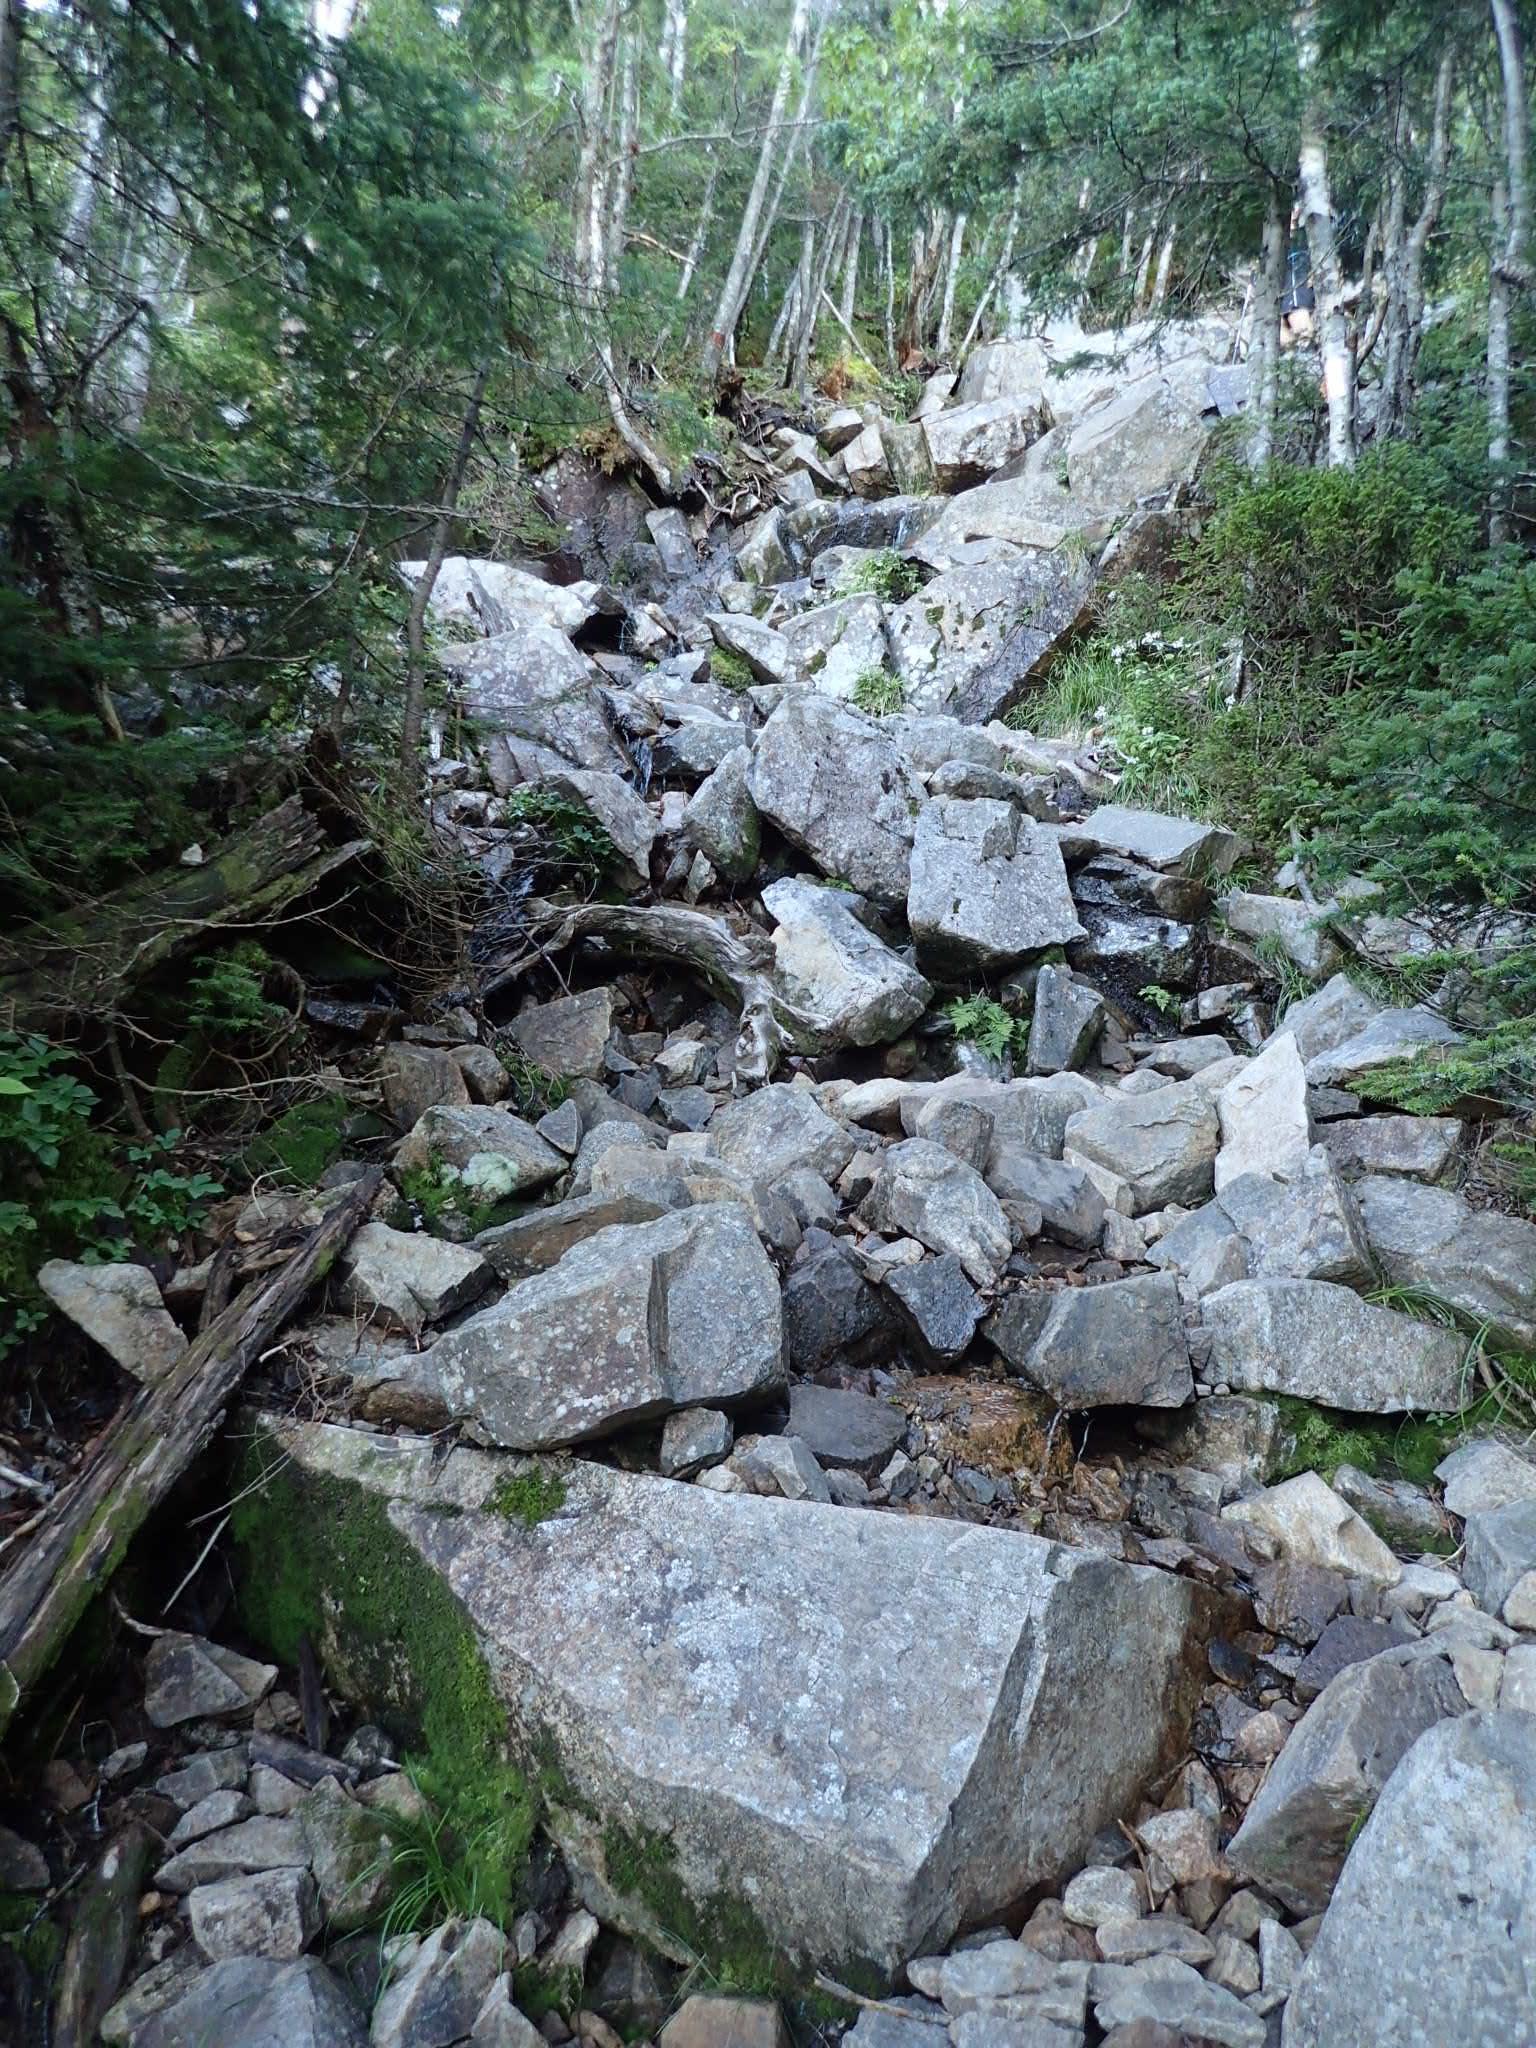 Yep, a trail